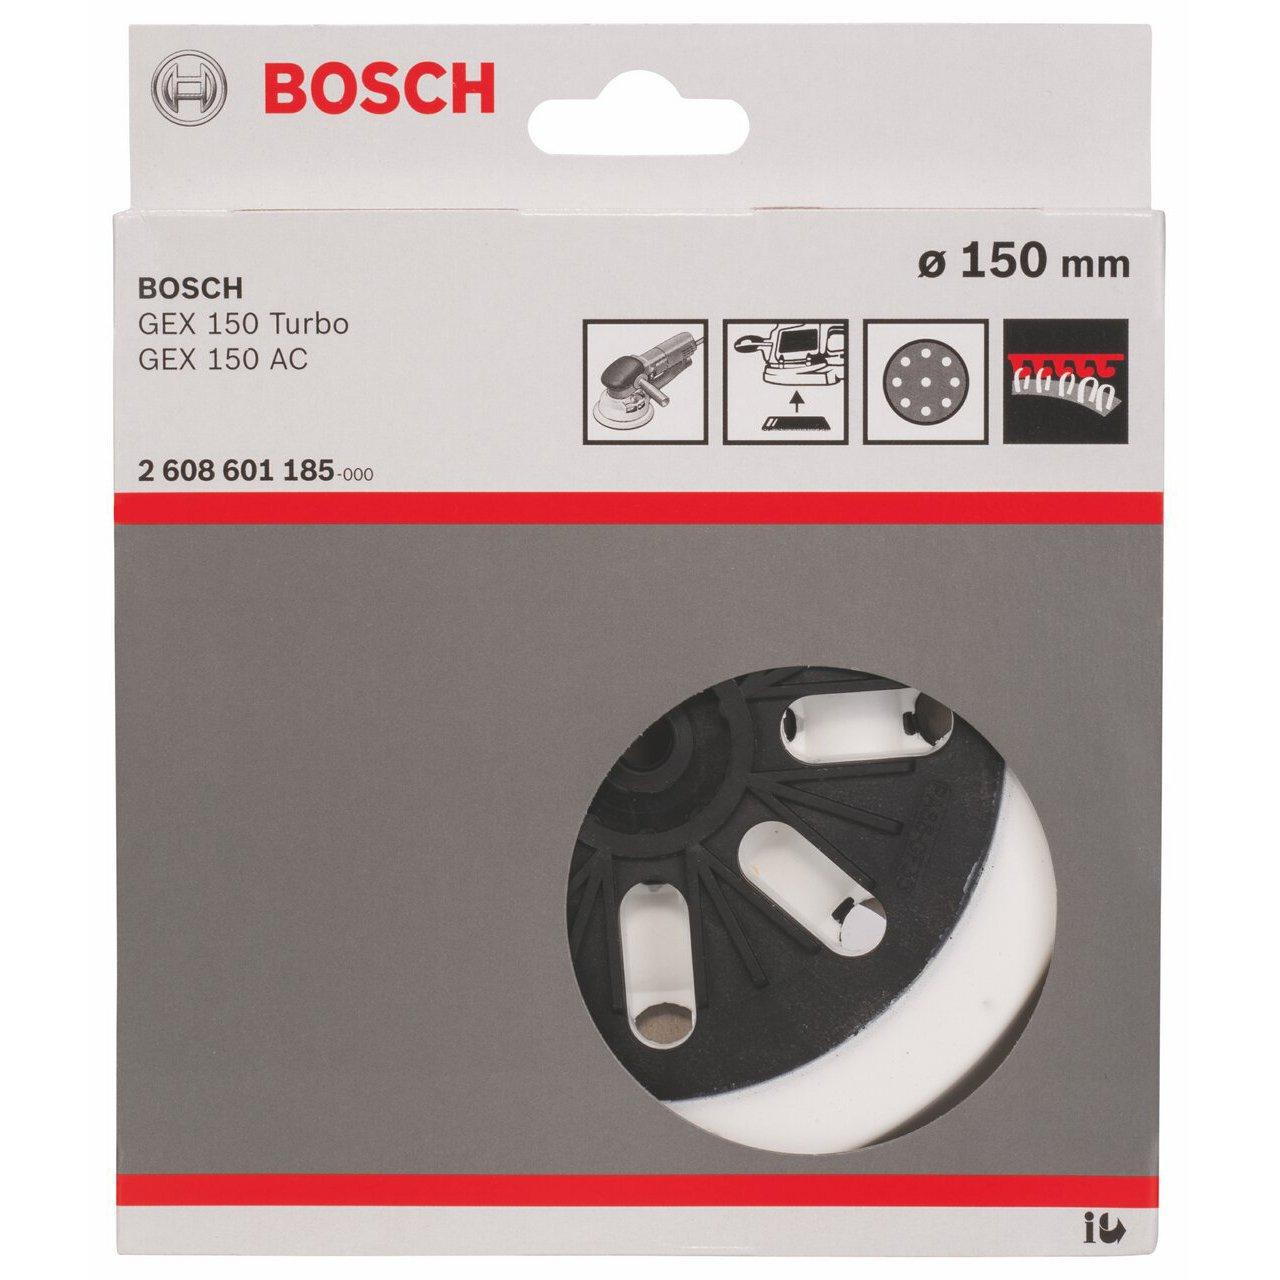 Bosch 2 608 601 185 - Plato de lija - weich, 150 mm (pack de 1): Amazon.es: Bricolaje y herramientas